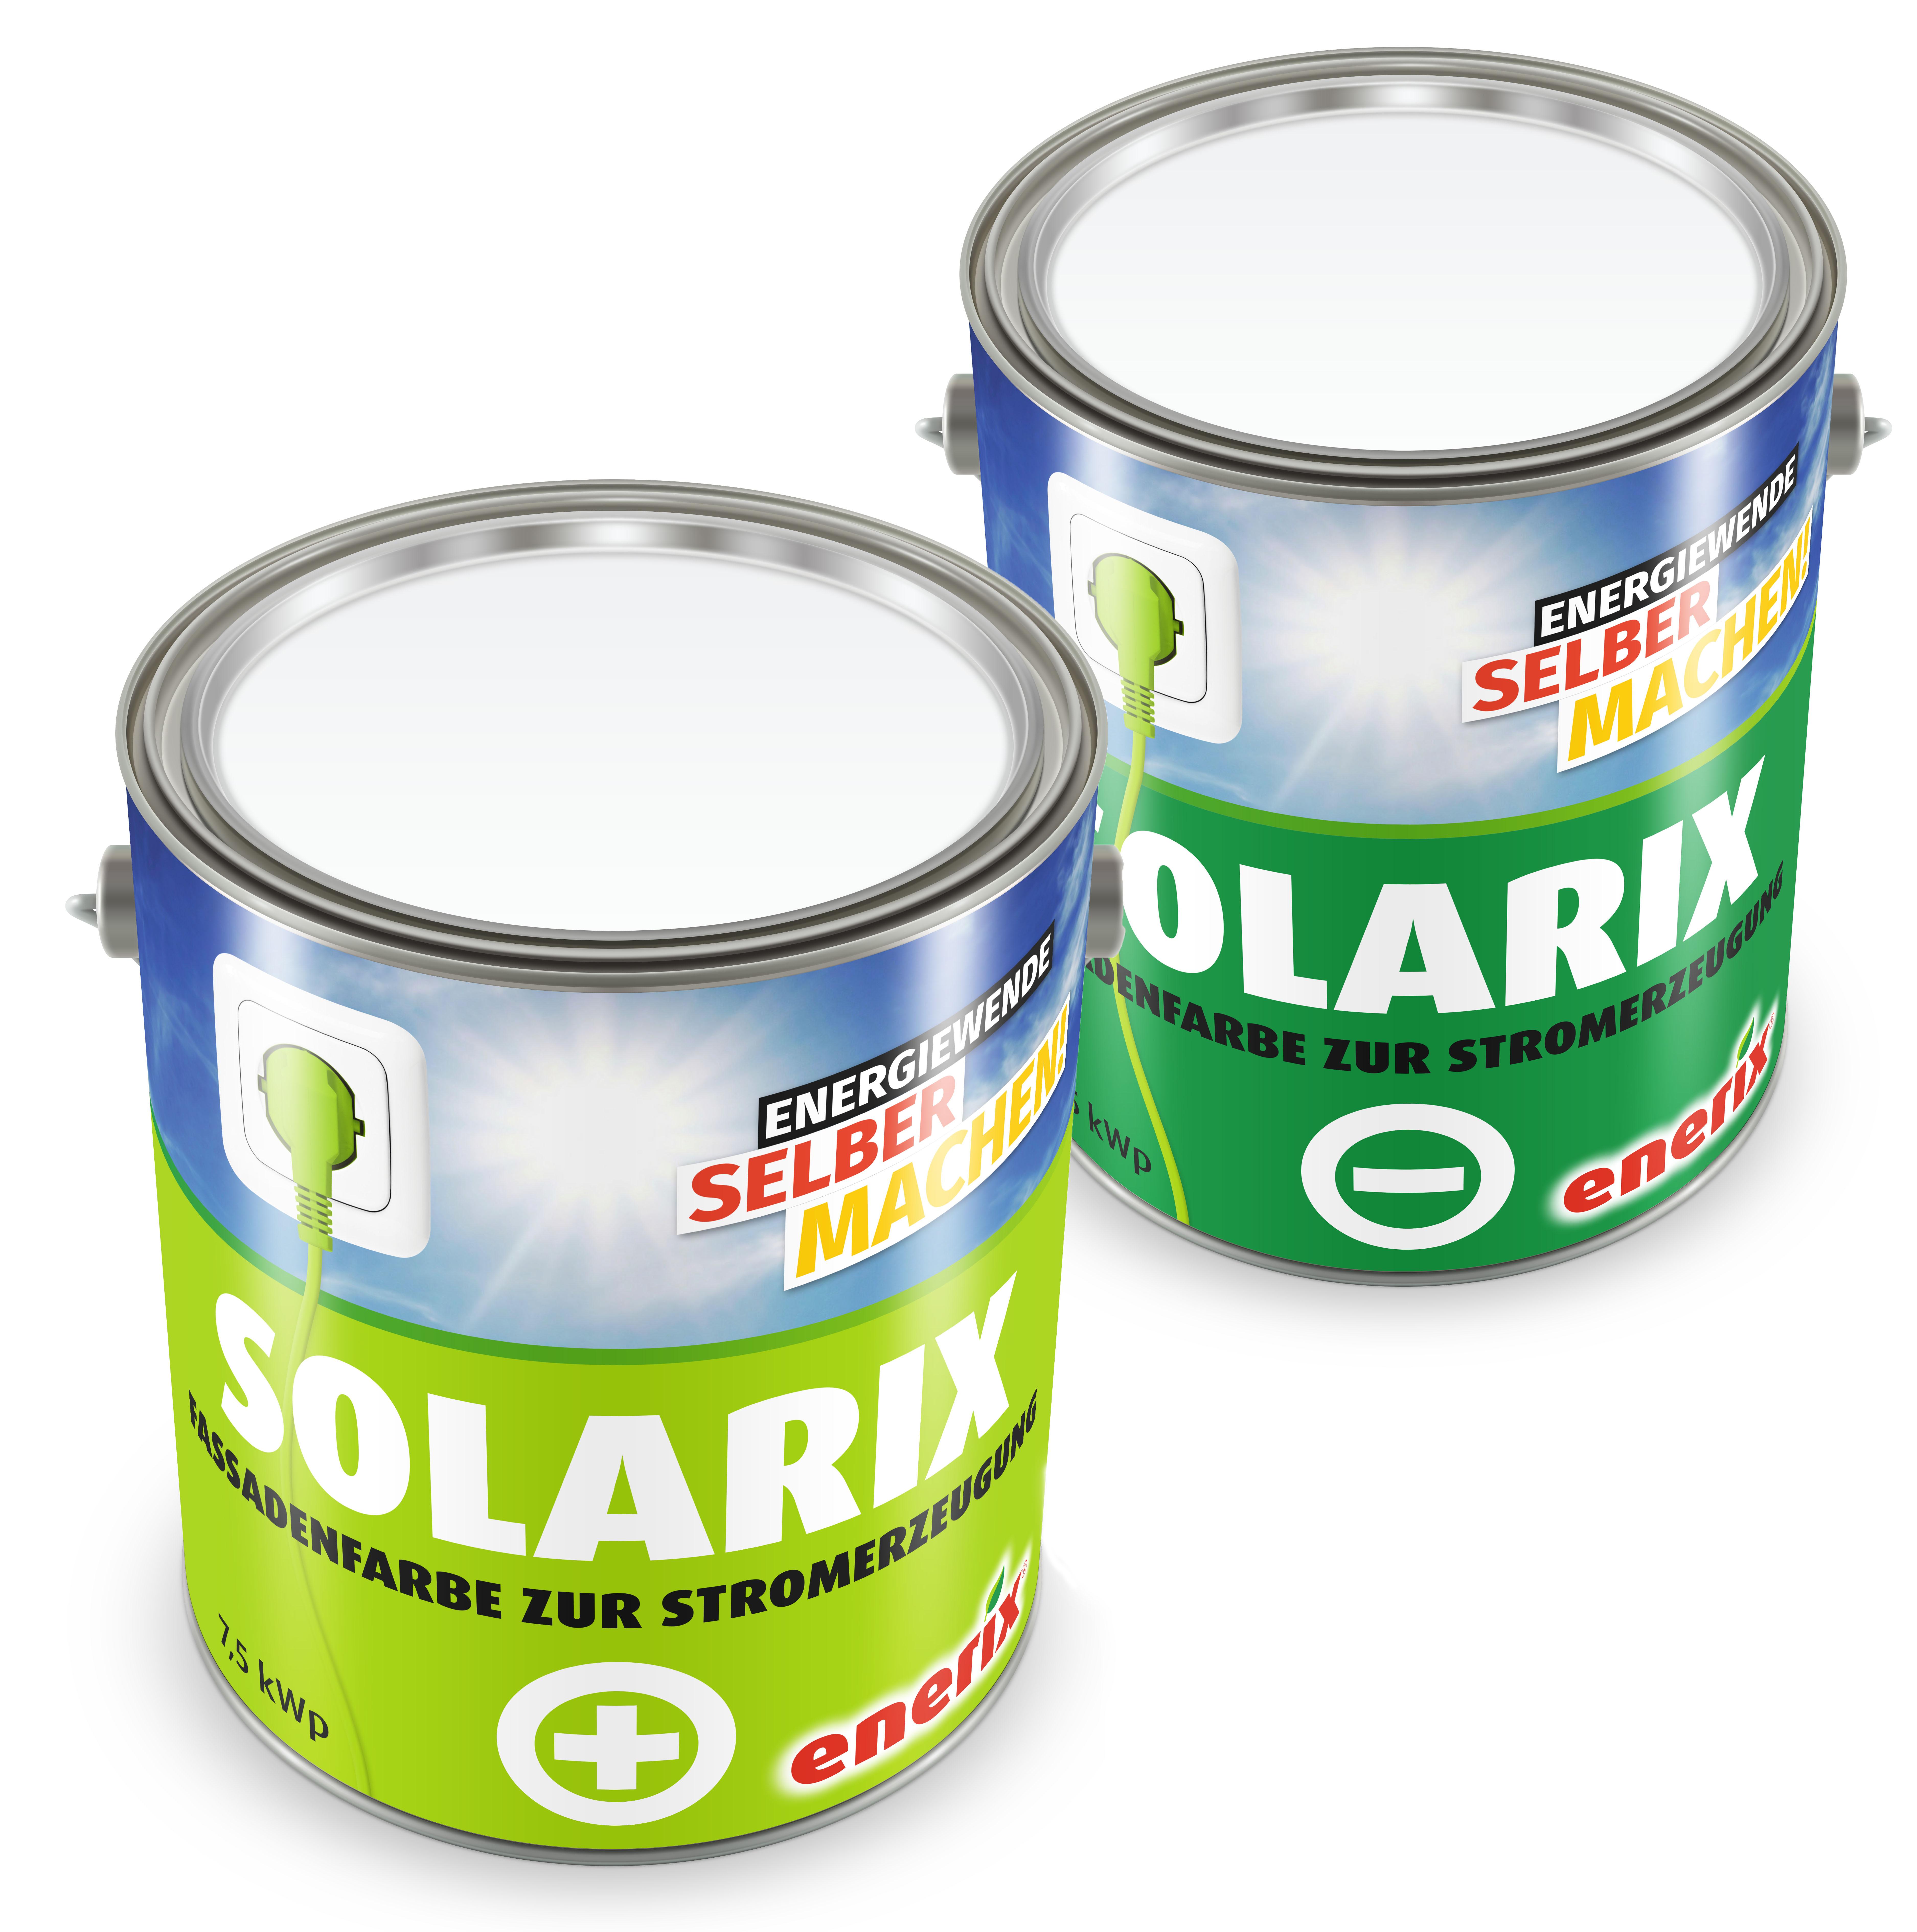 Solarstromfarbe